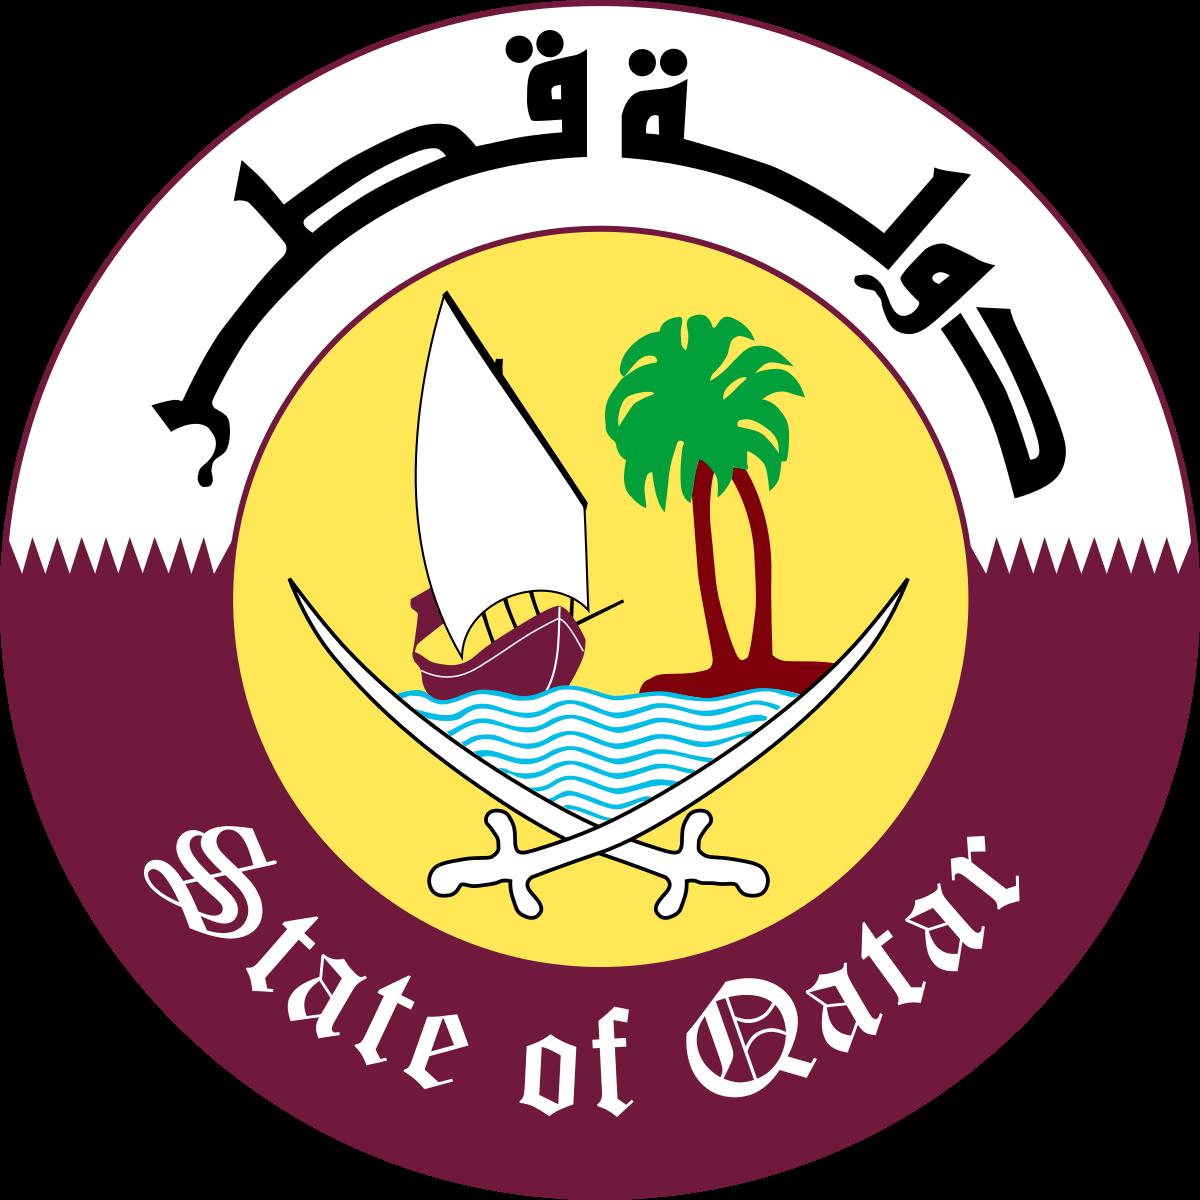 صورة الاسم القديم لدولة قطر , تعرف علي اقدم اسم لدولة قطر